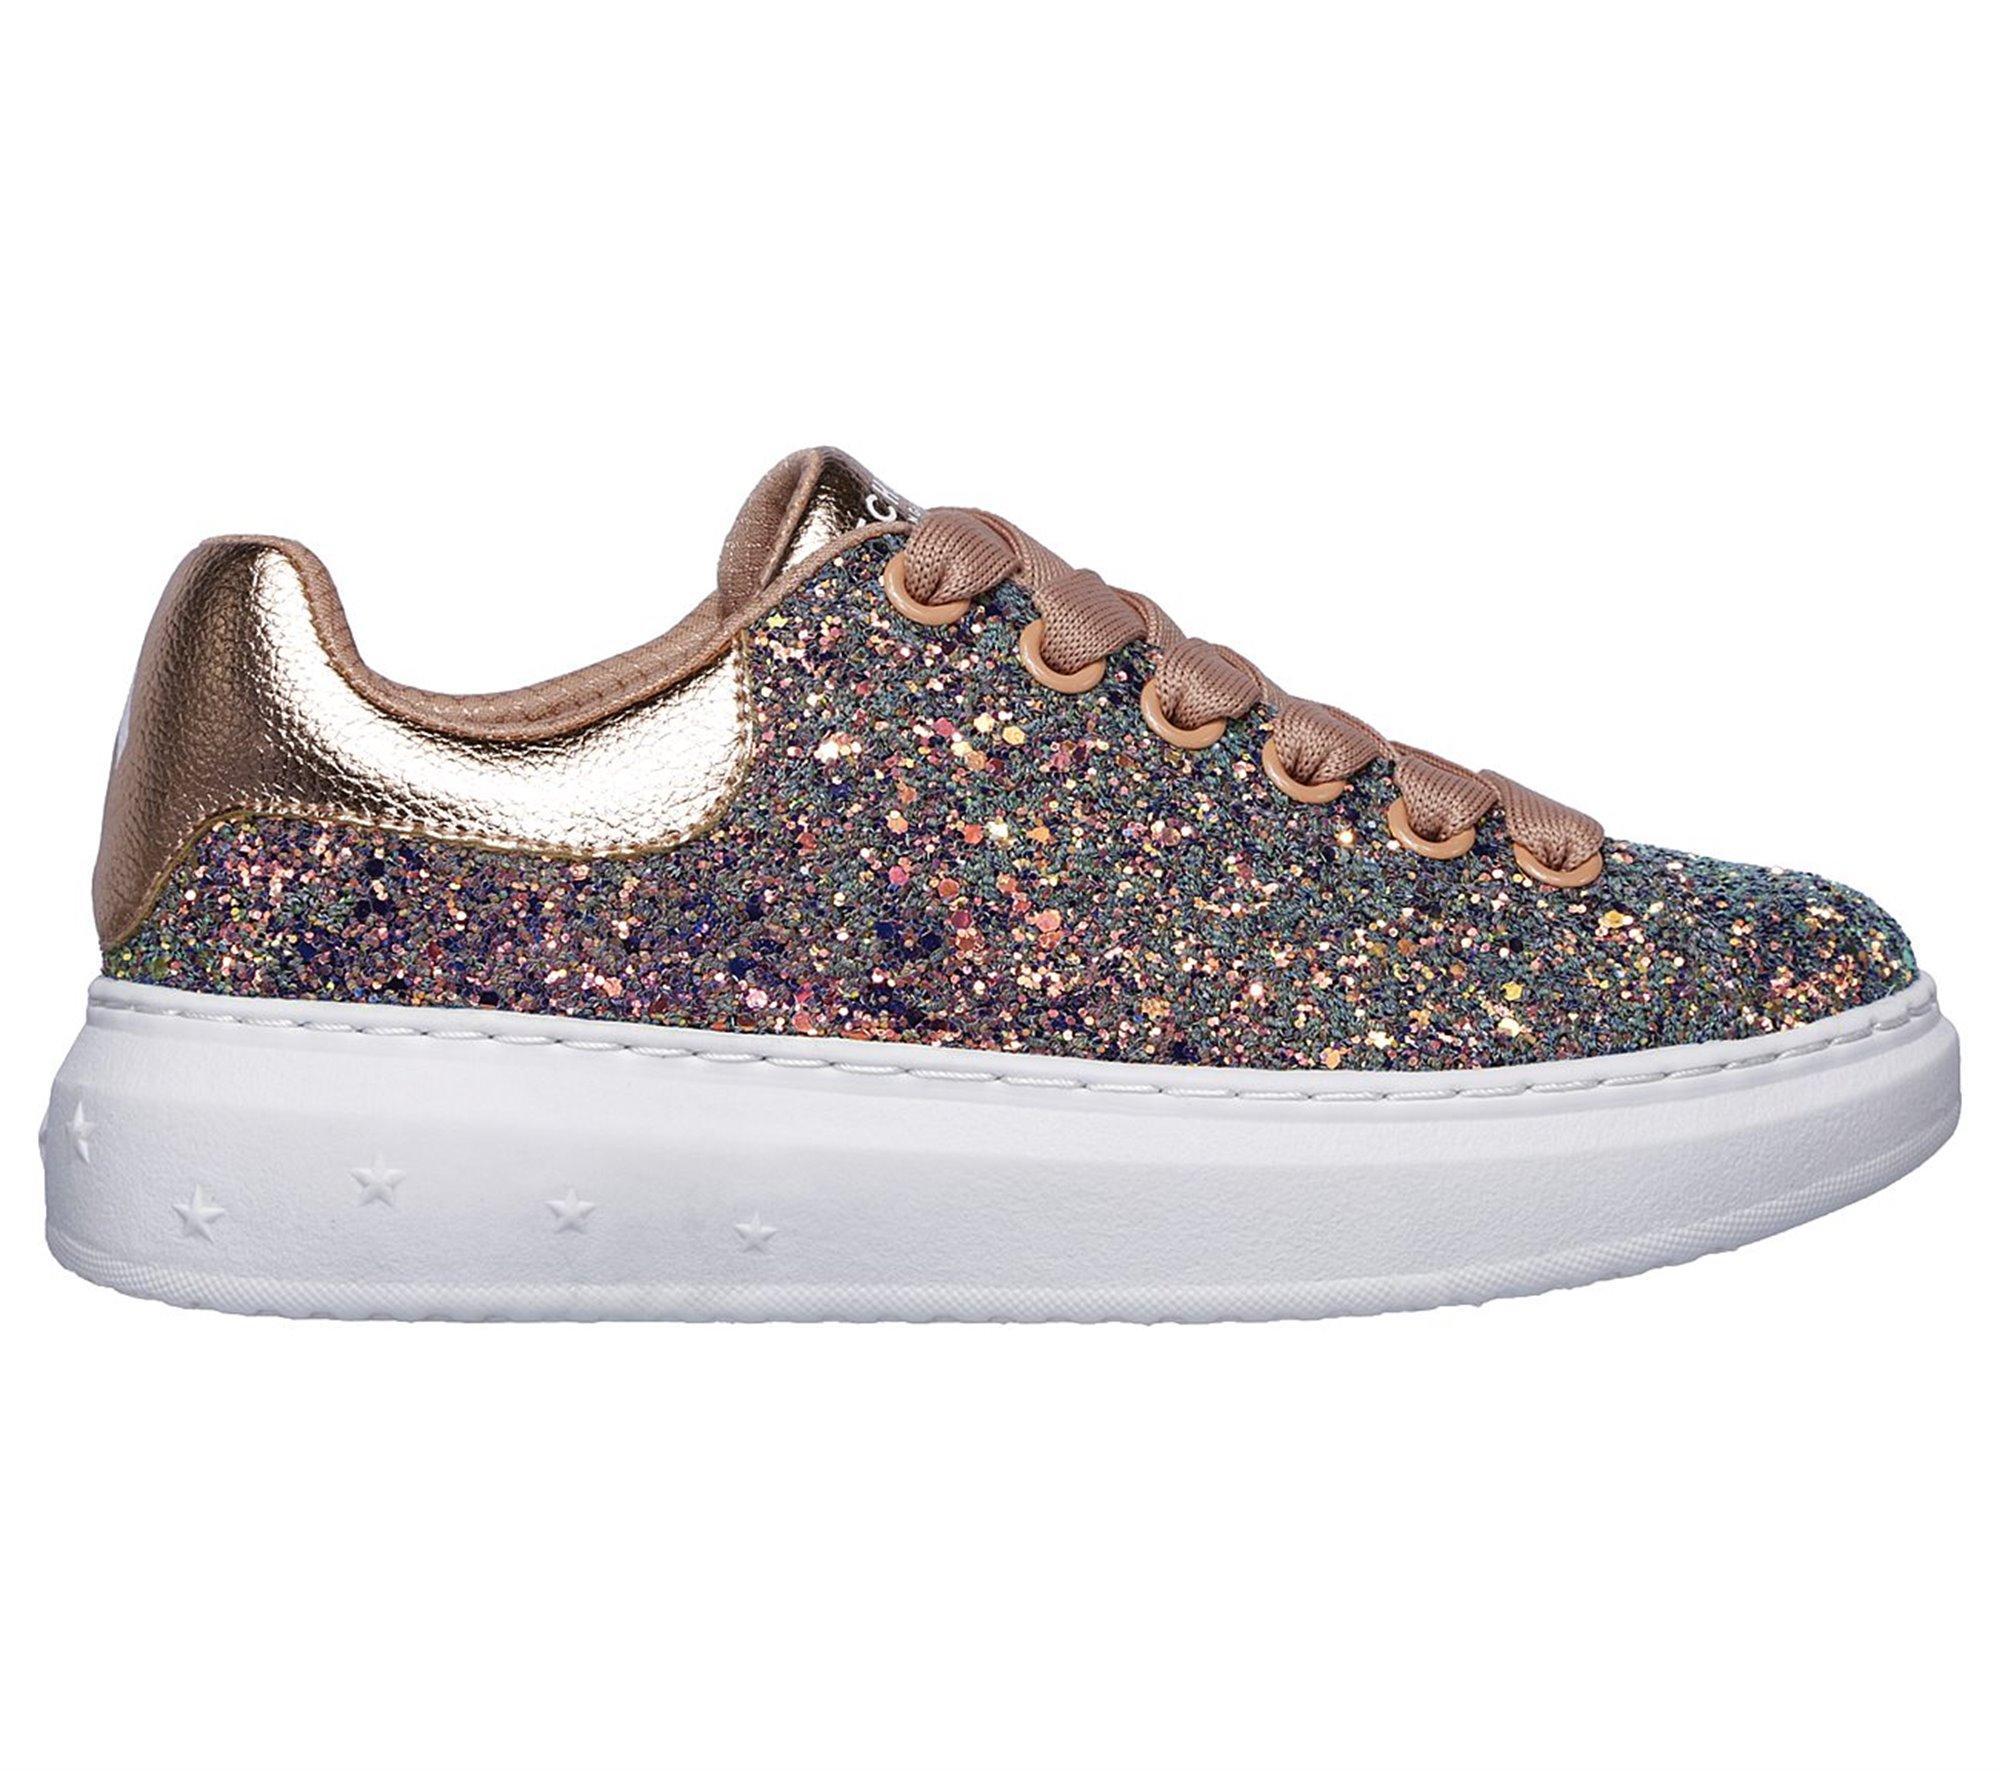 3299e432f437 Skechers High Street - Glitter Rockers - Lyst